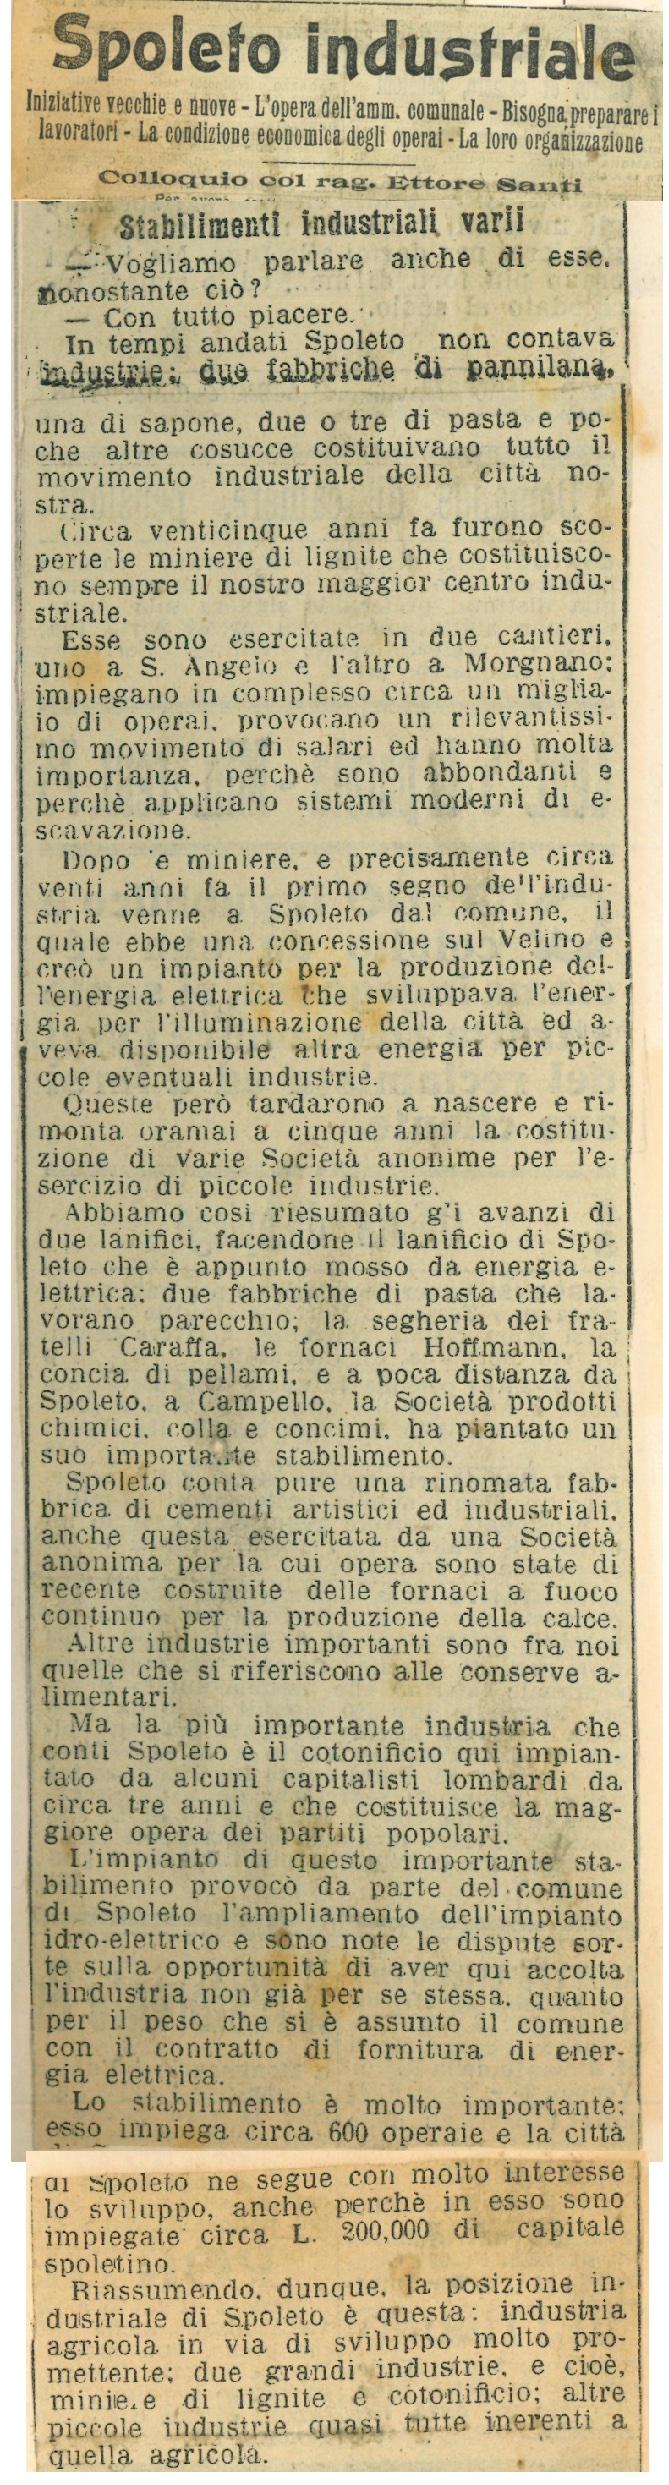 Il Messaggero   Maggio 1910